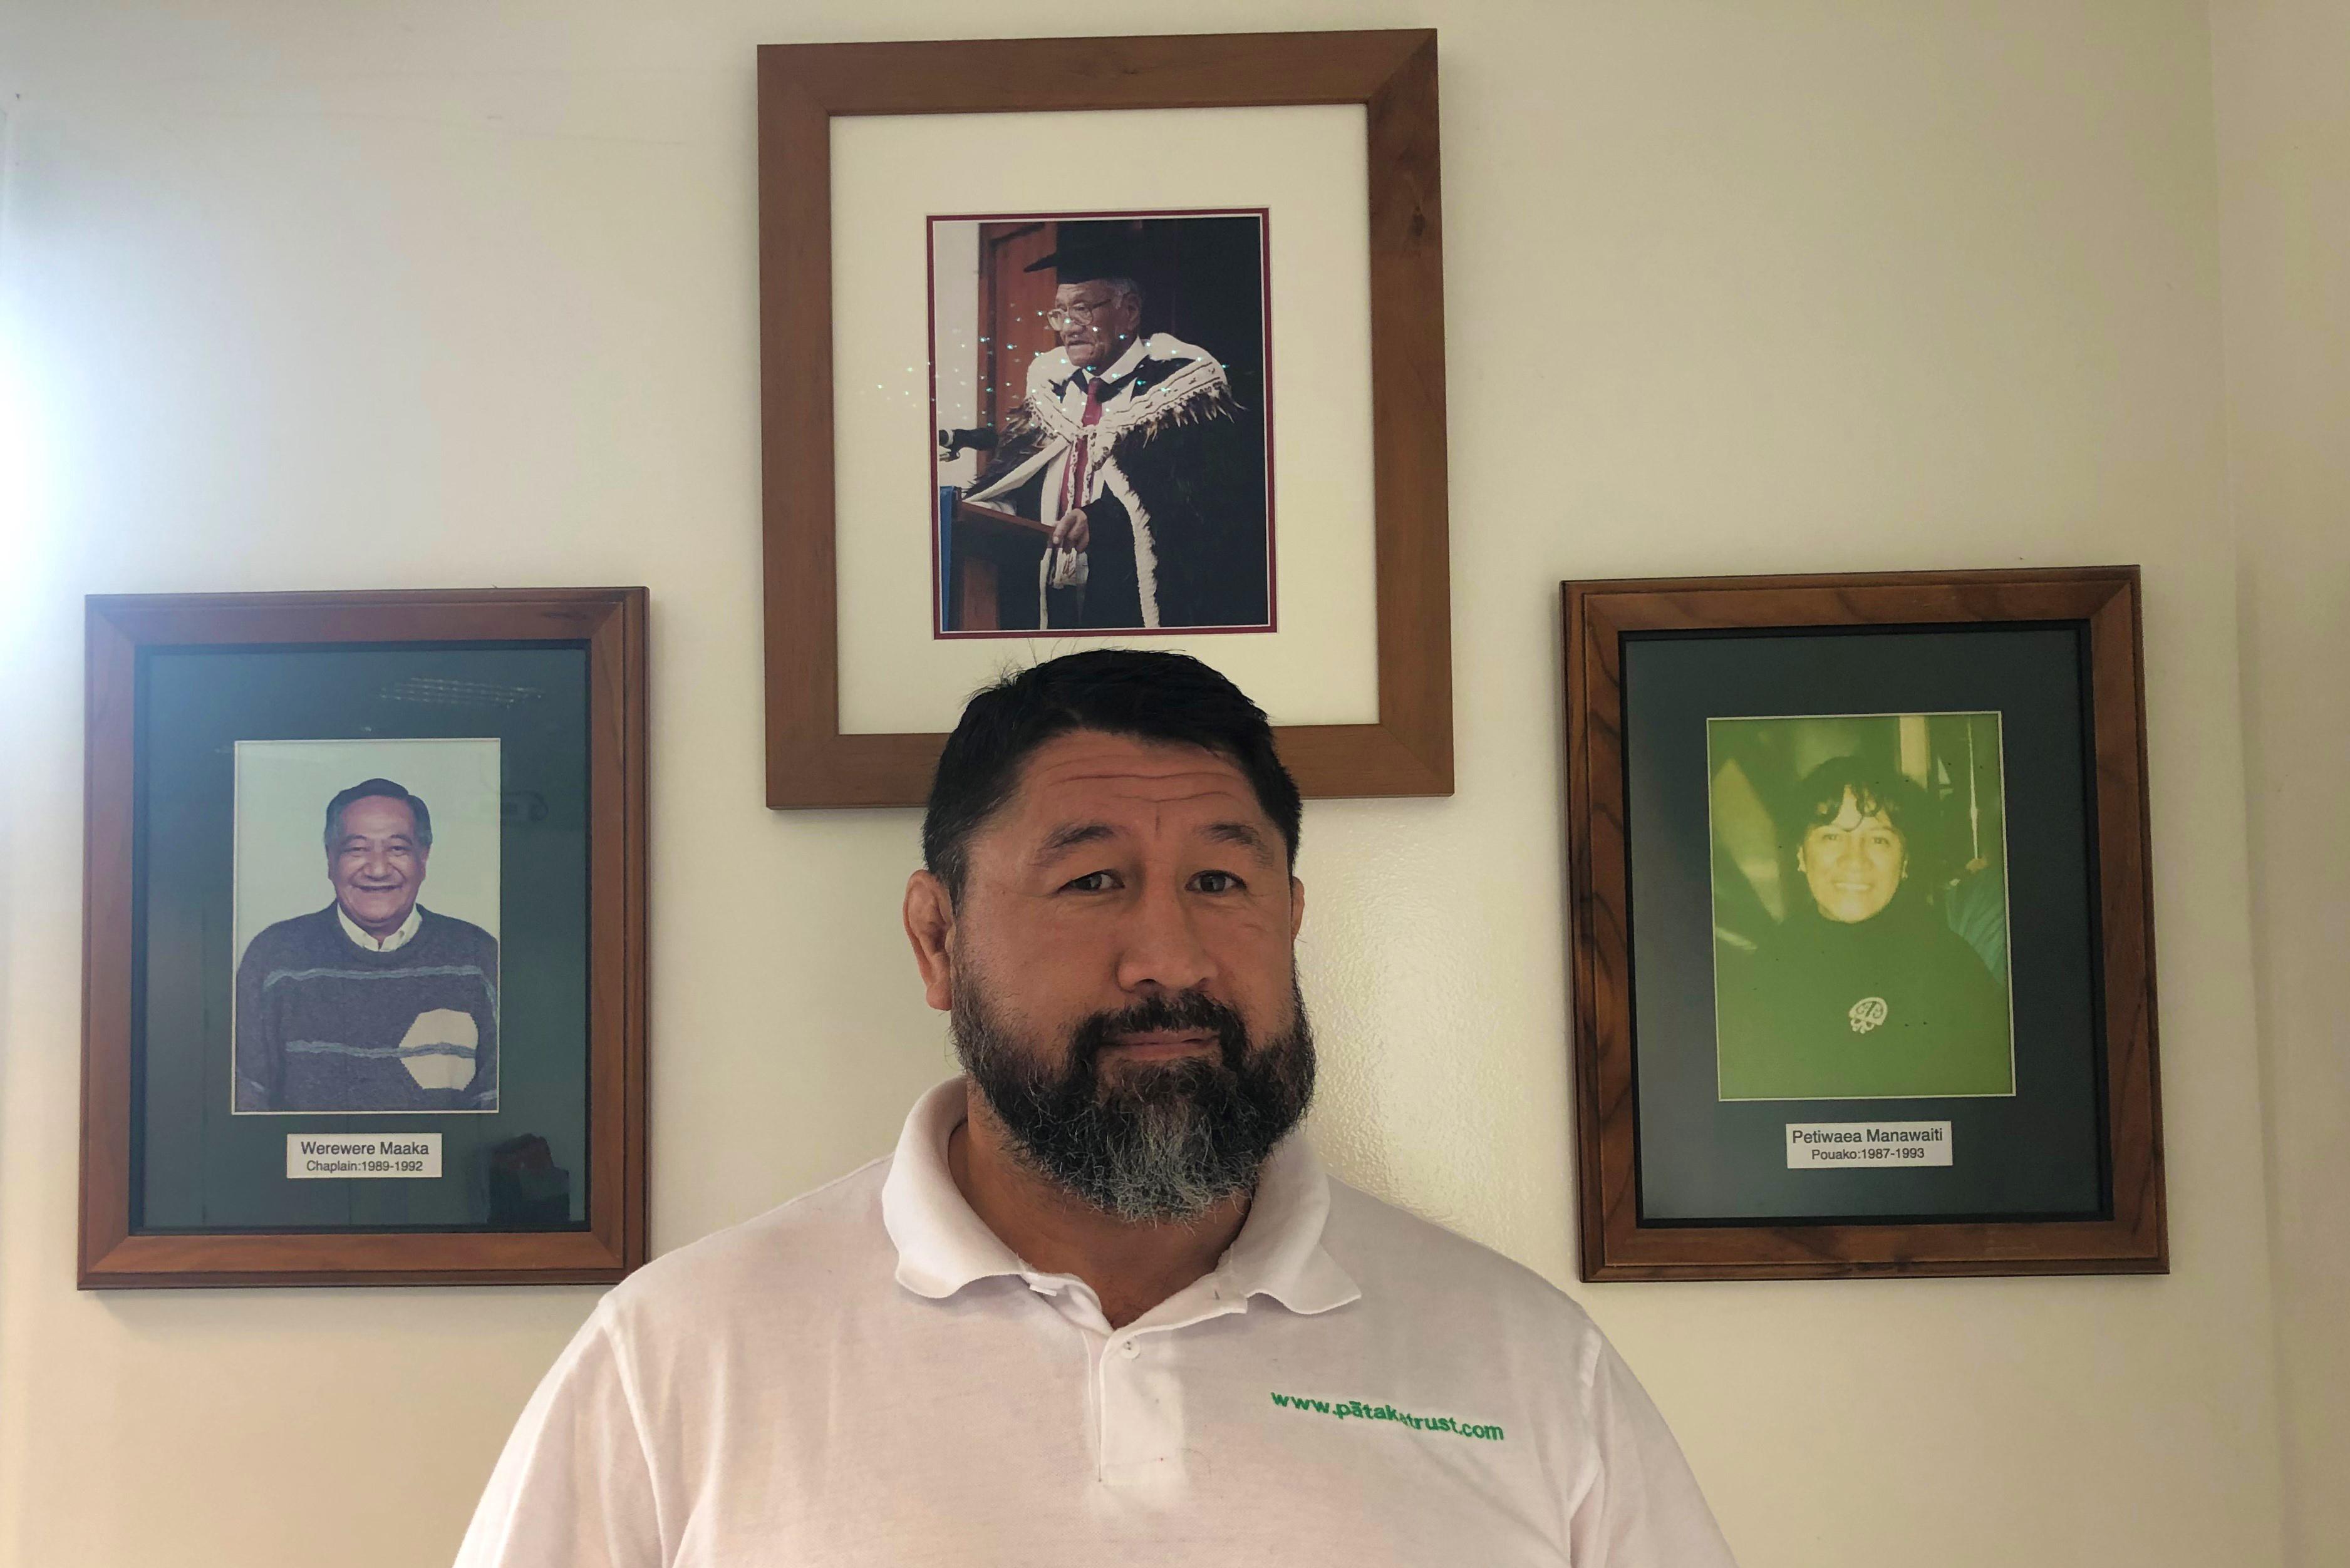 Eady stands next to the image of his nana Petiwaea Manawaiti at Te Kōpū Mānia o Kirikiriroa